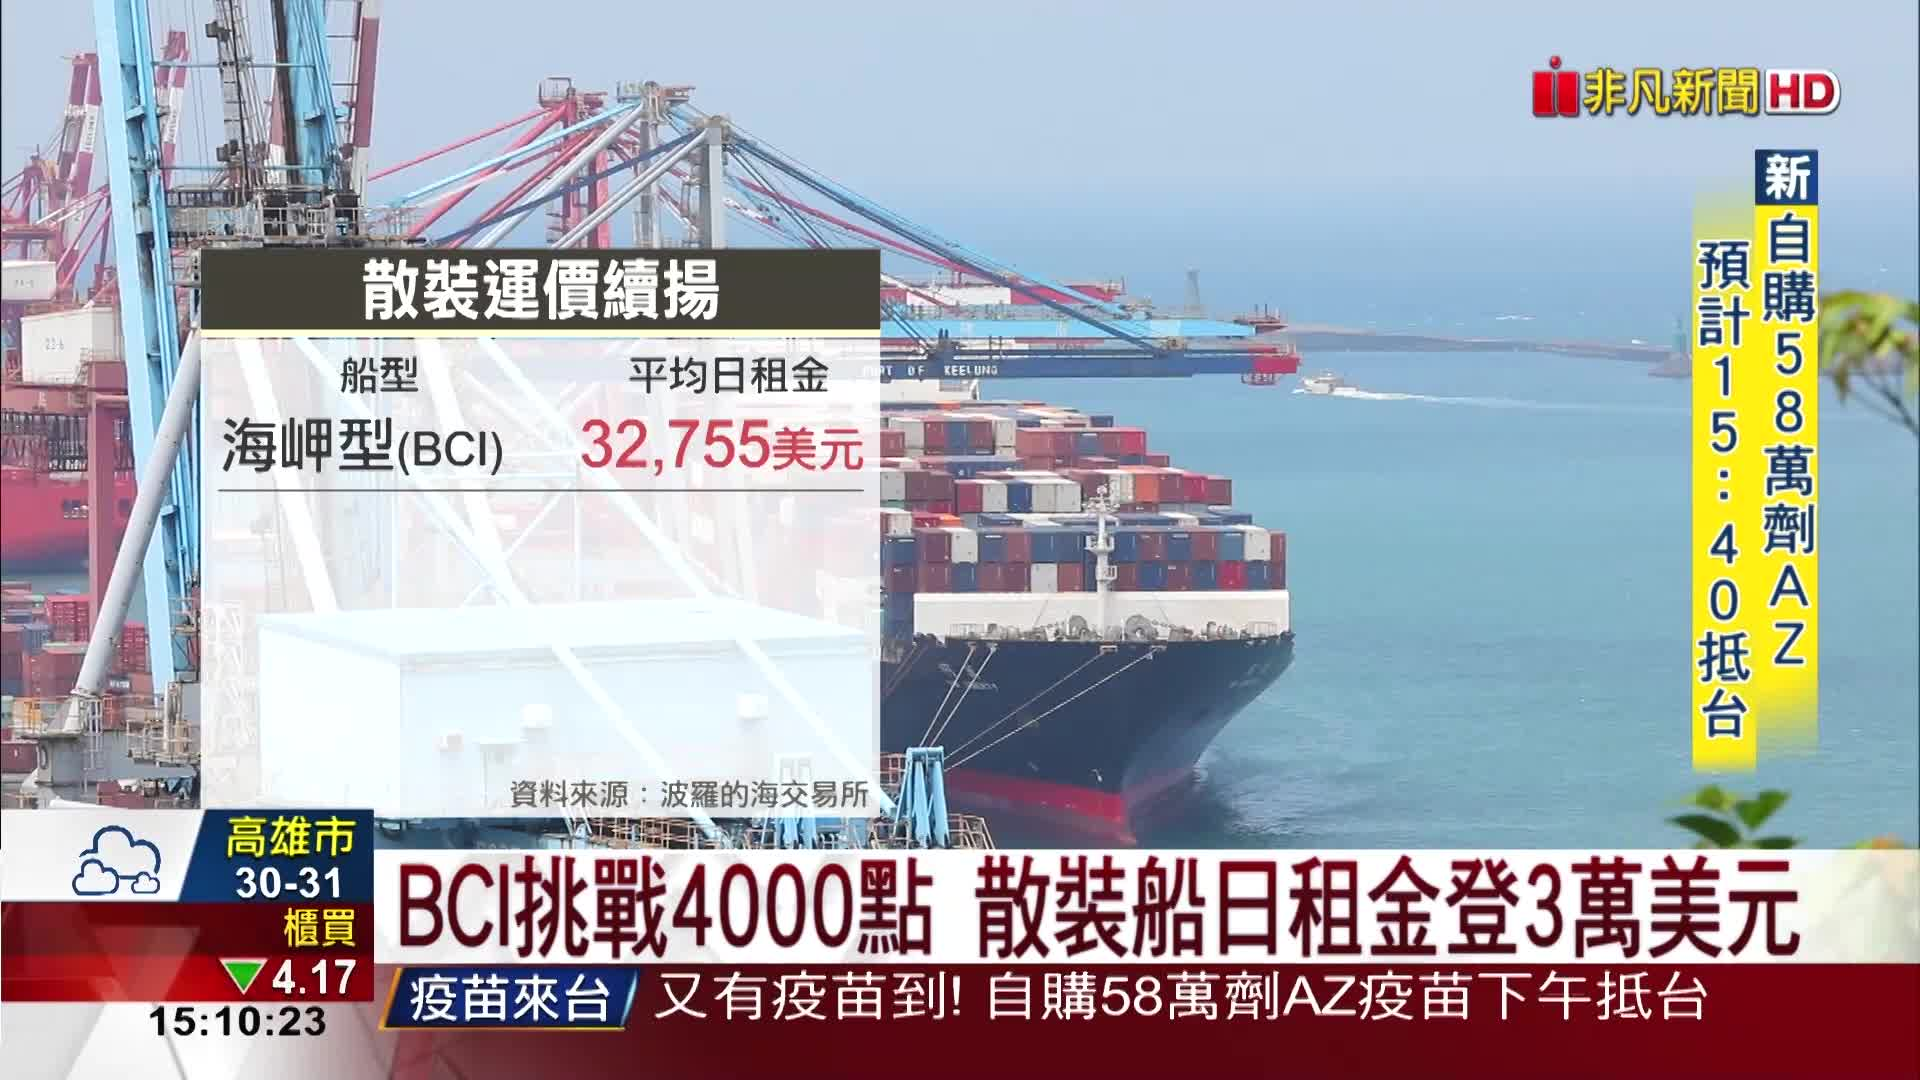 BCI挑戰4000點 散裝船日租金登3萬美元